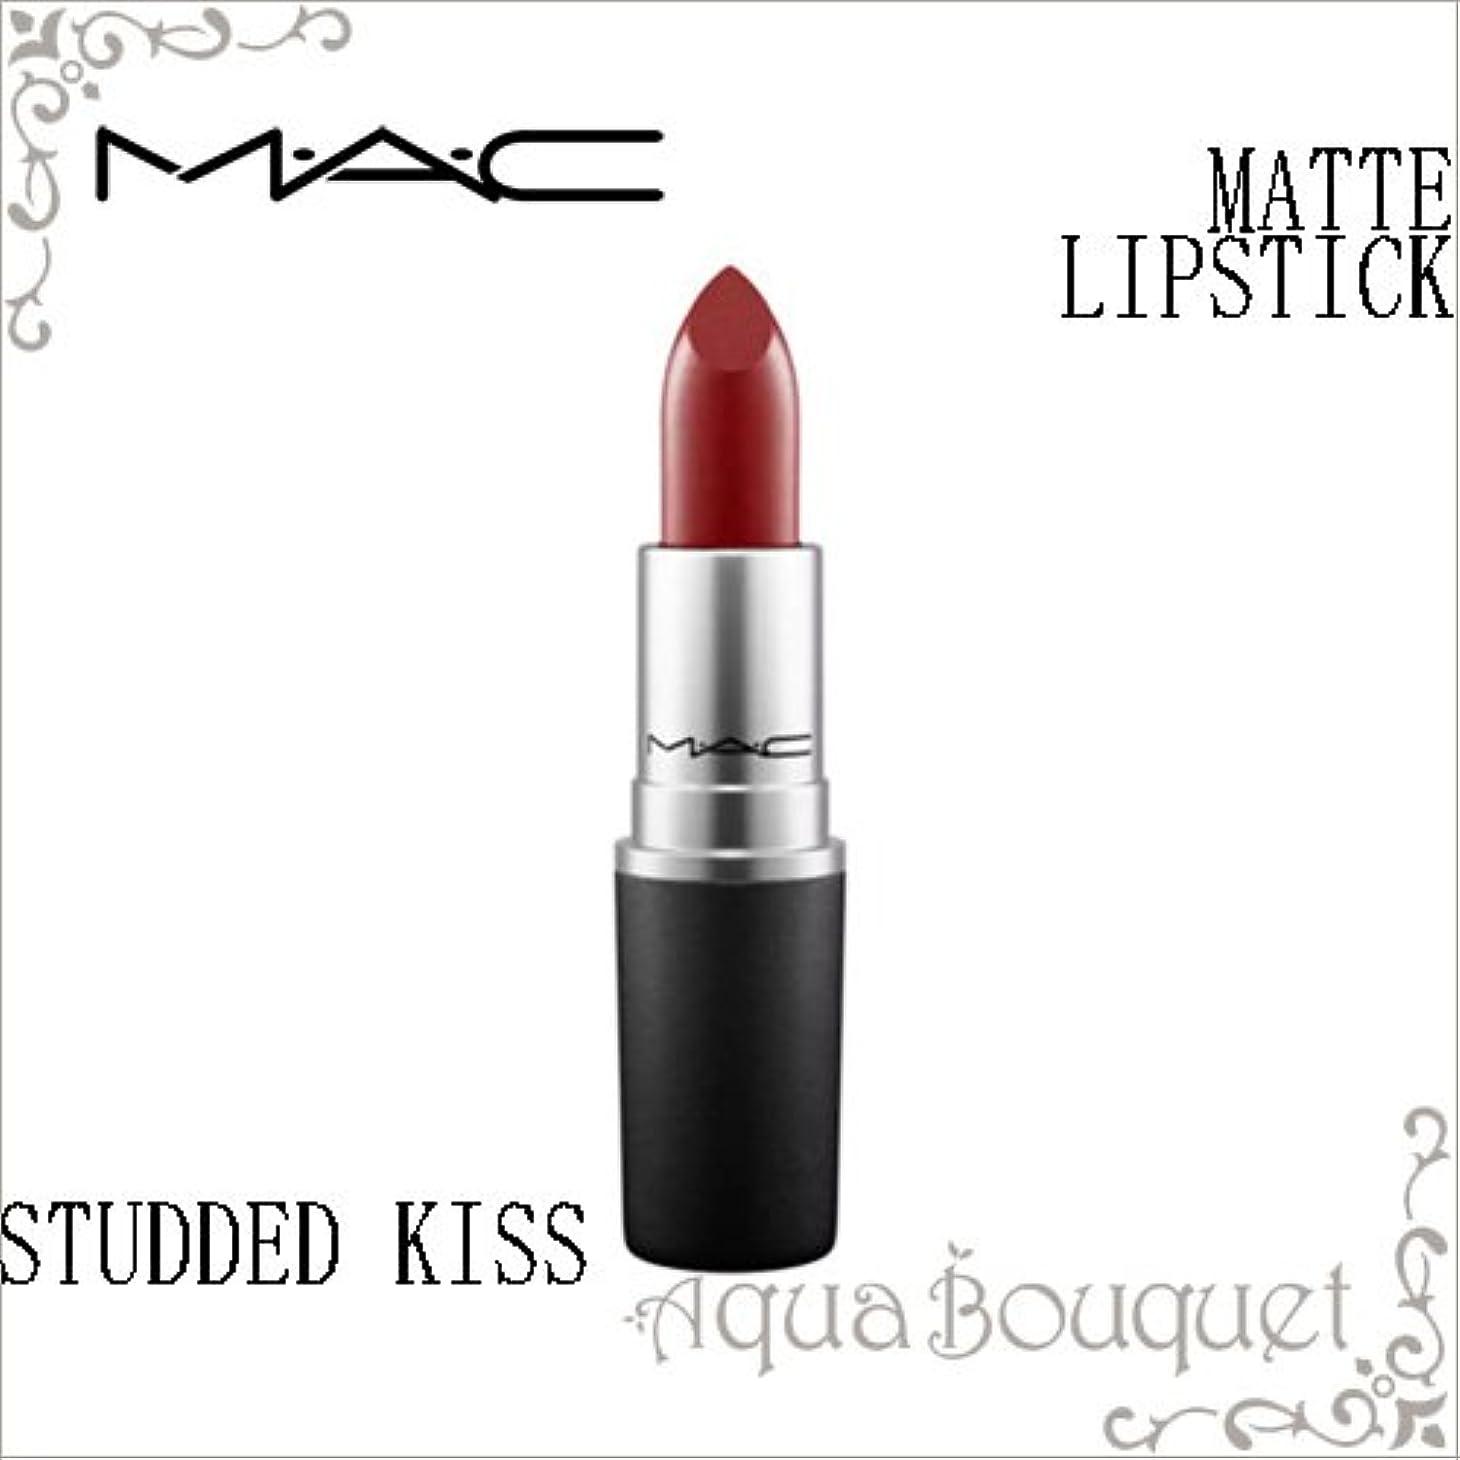 友情扱う研究所マック(MAC) THE MATTE LIP リップスティックマット #スタディッド キス 3g [388325][並行輸入品]